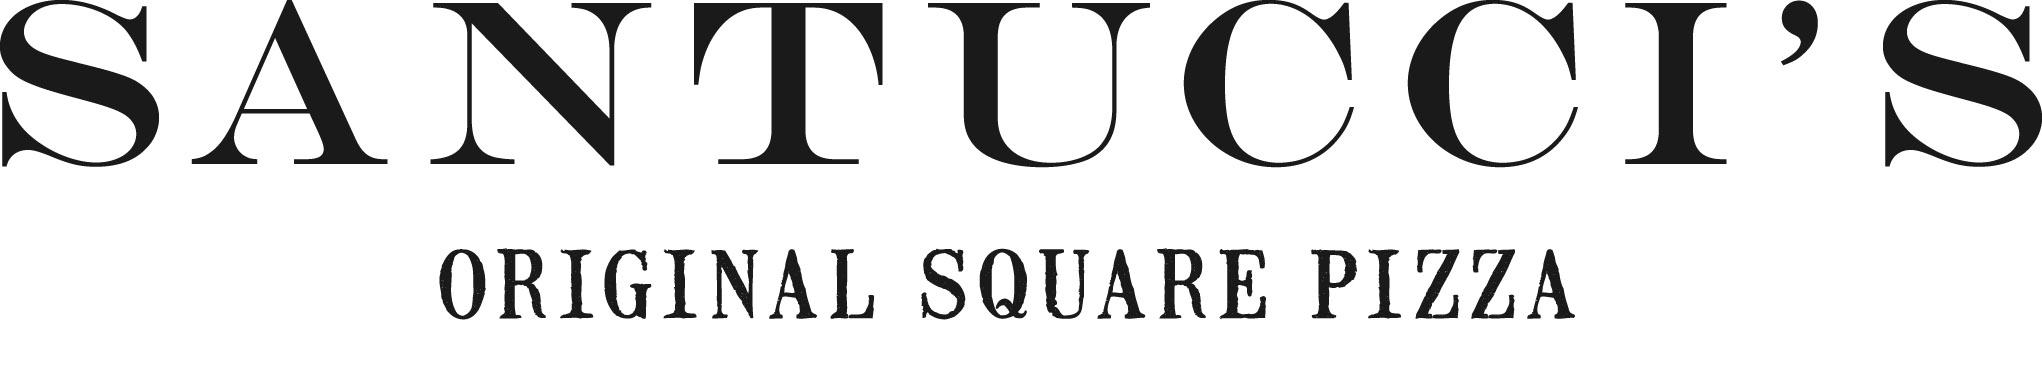 Santucci's Pizza Logo